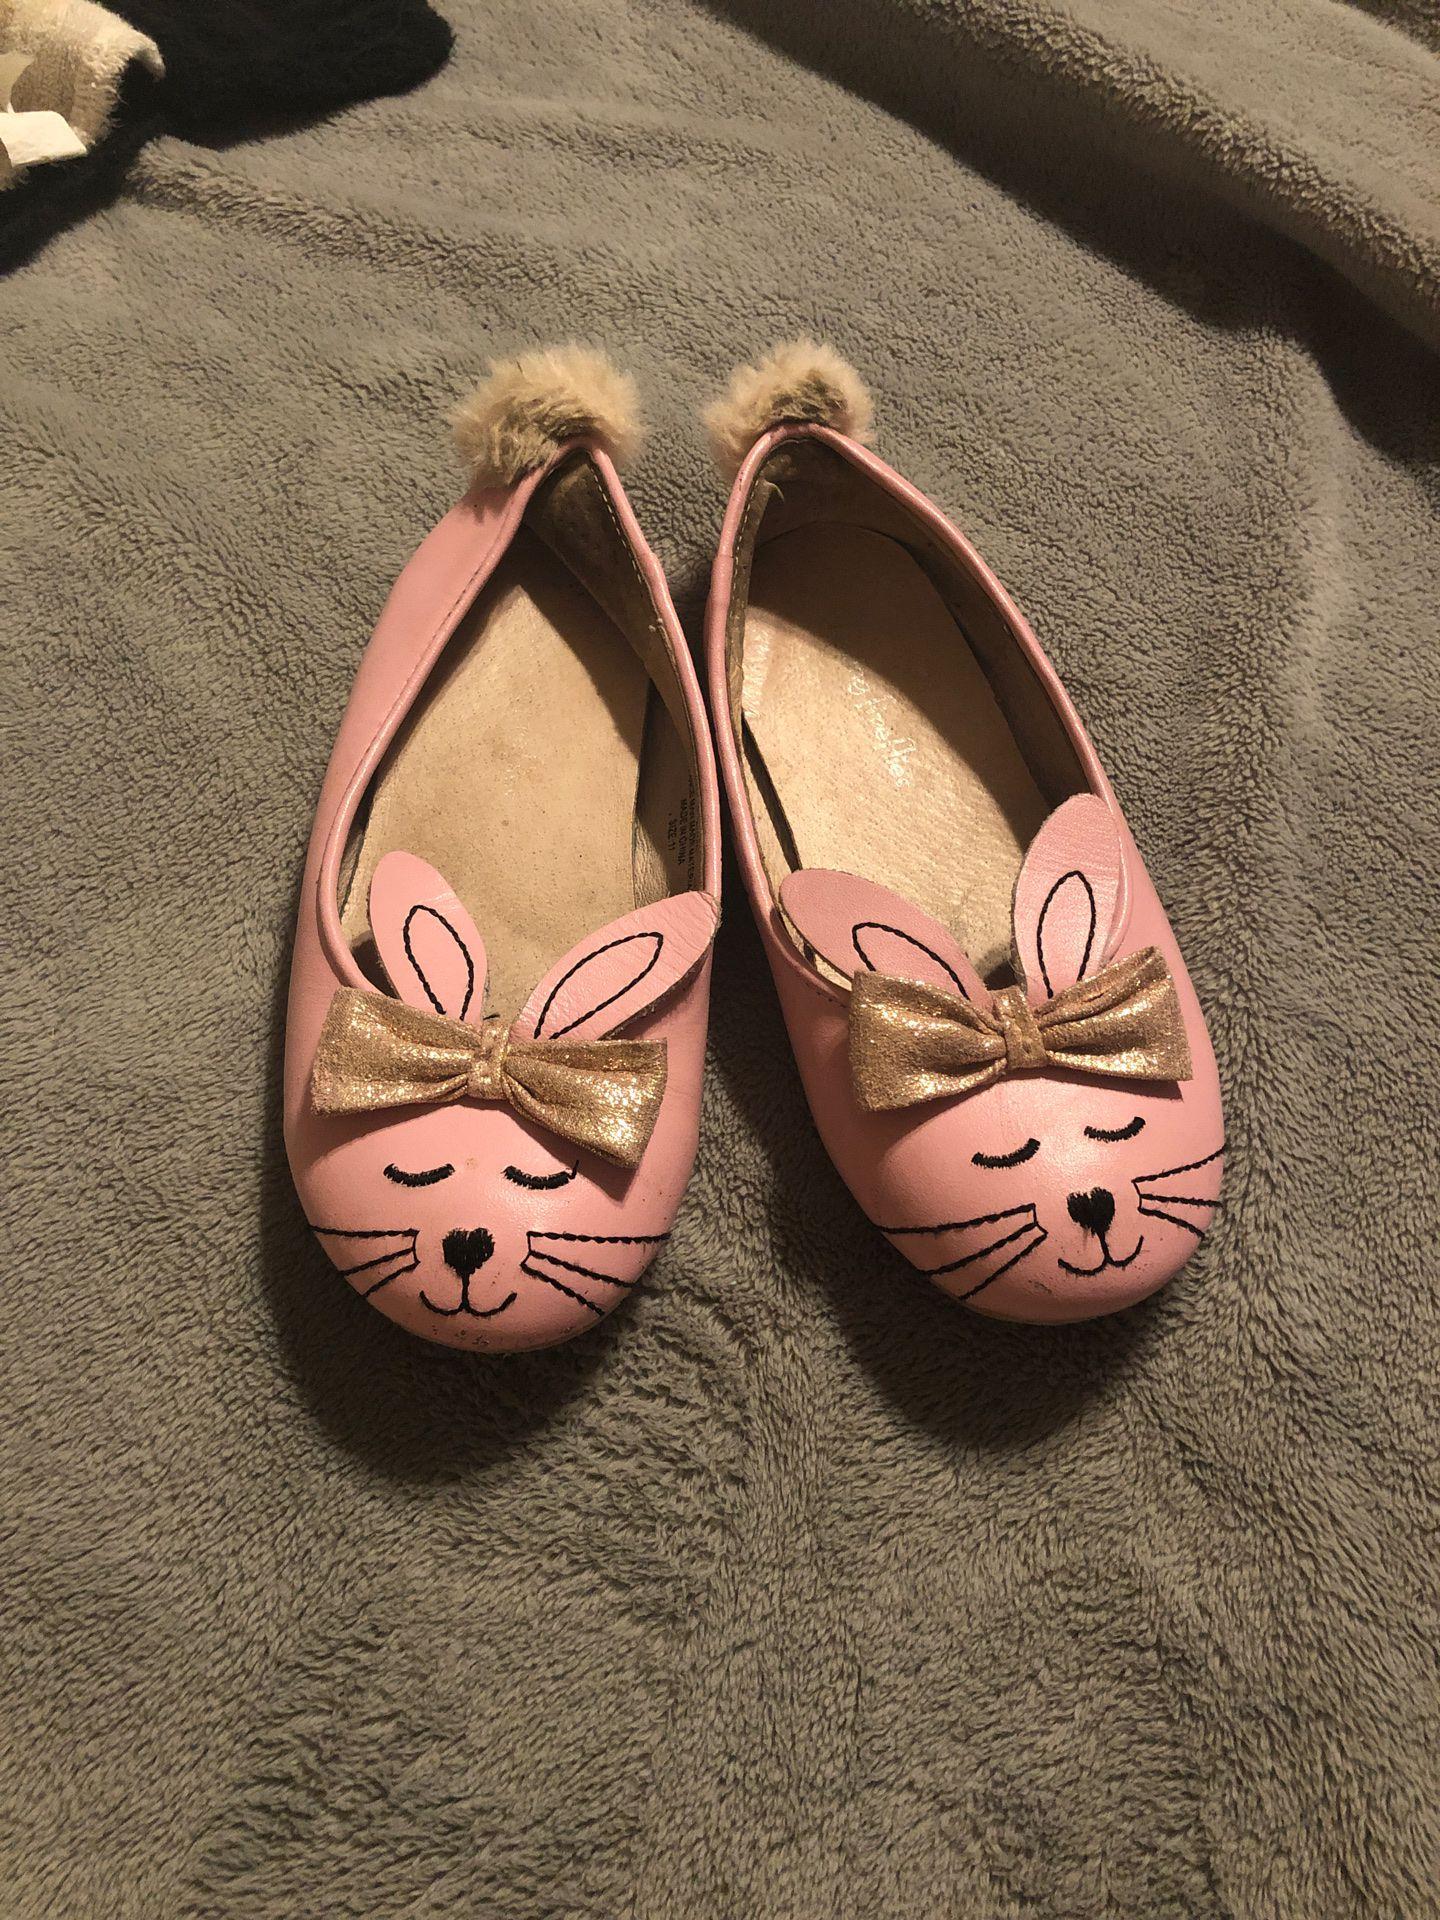 Chasing Fireflies pink bunny ballet flats